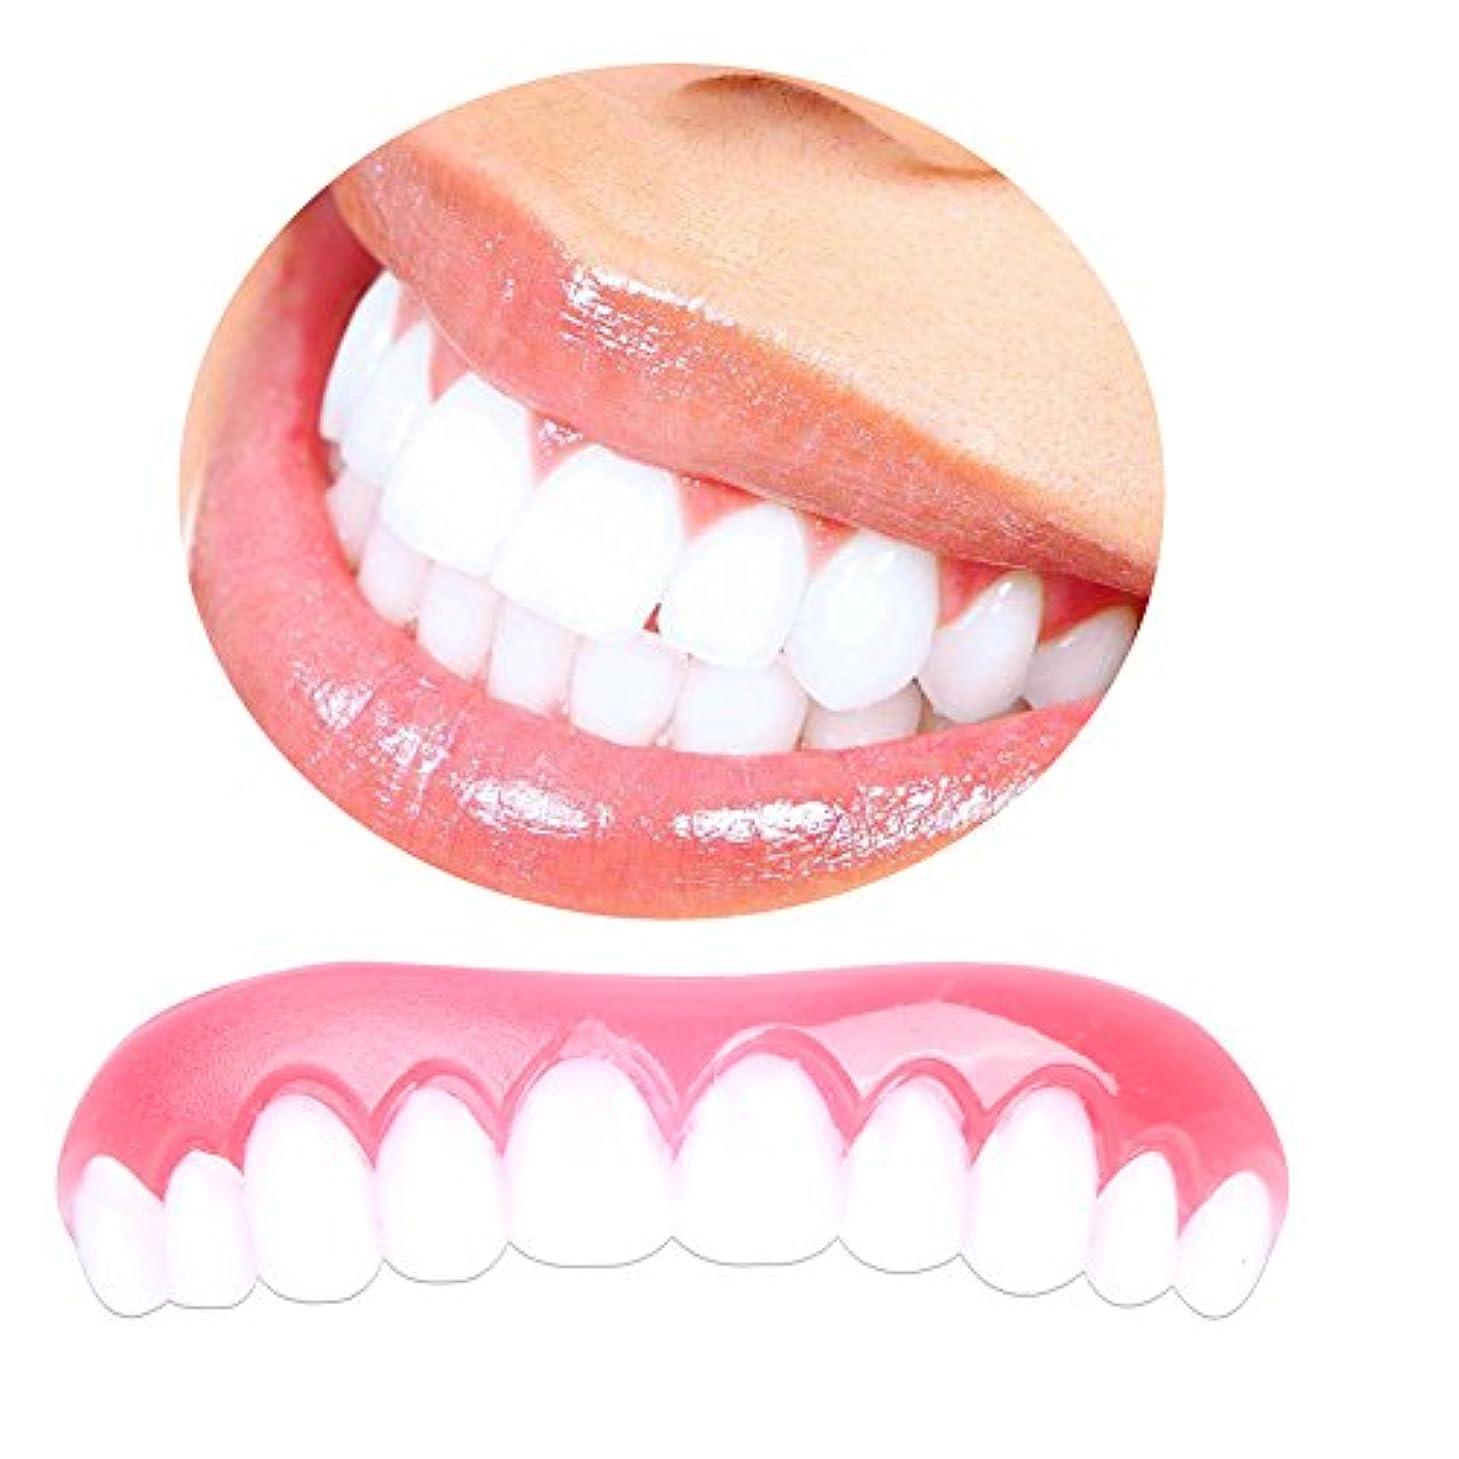 トロリーバス吹雪今2ピースコンフォートフィットフレックス化粧品の歯完璧な笑顔のベニヤダブの歯の修正のための歯の修正のための完璧な笑顔のベニヤの歯のホワイトニング